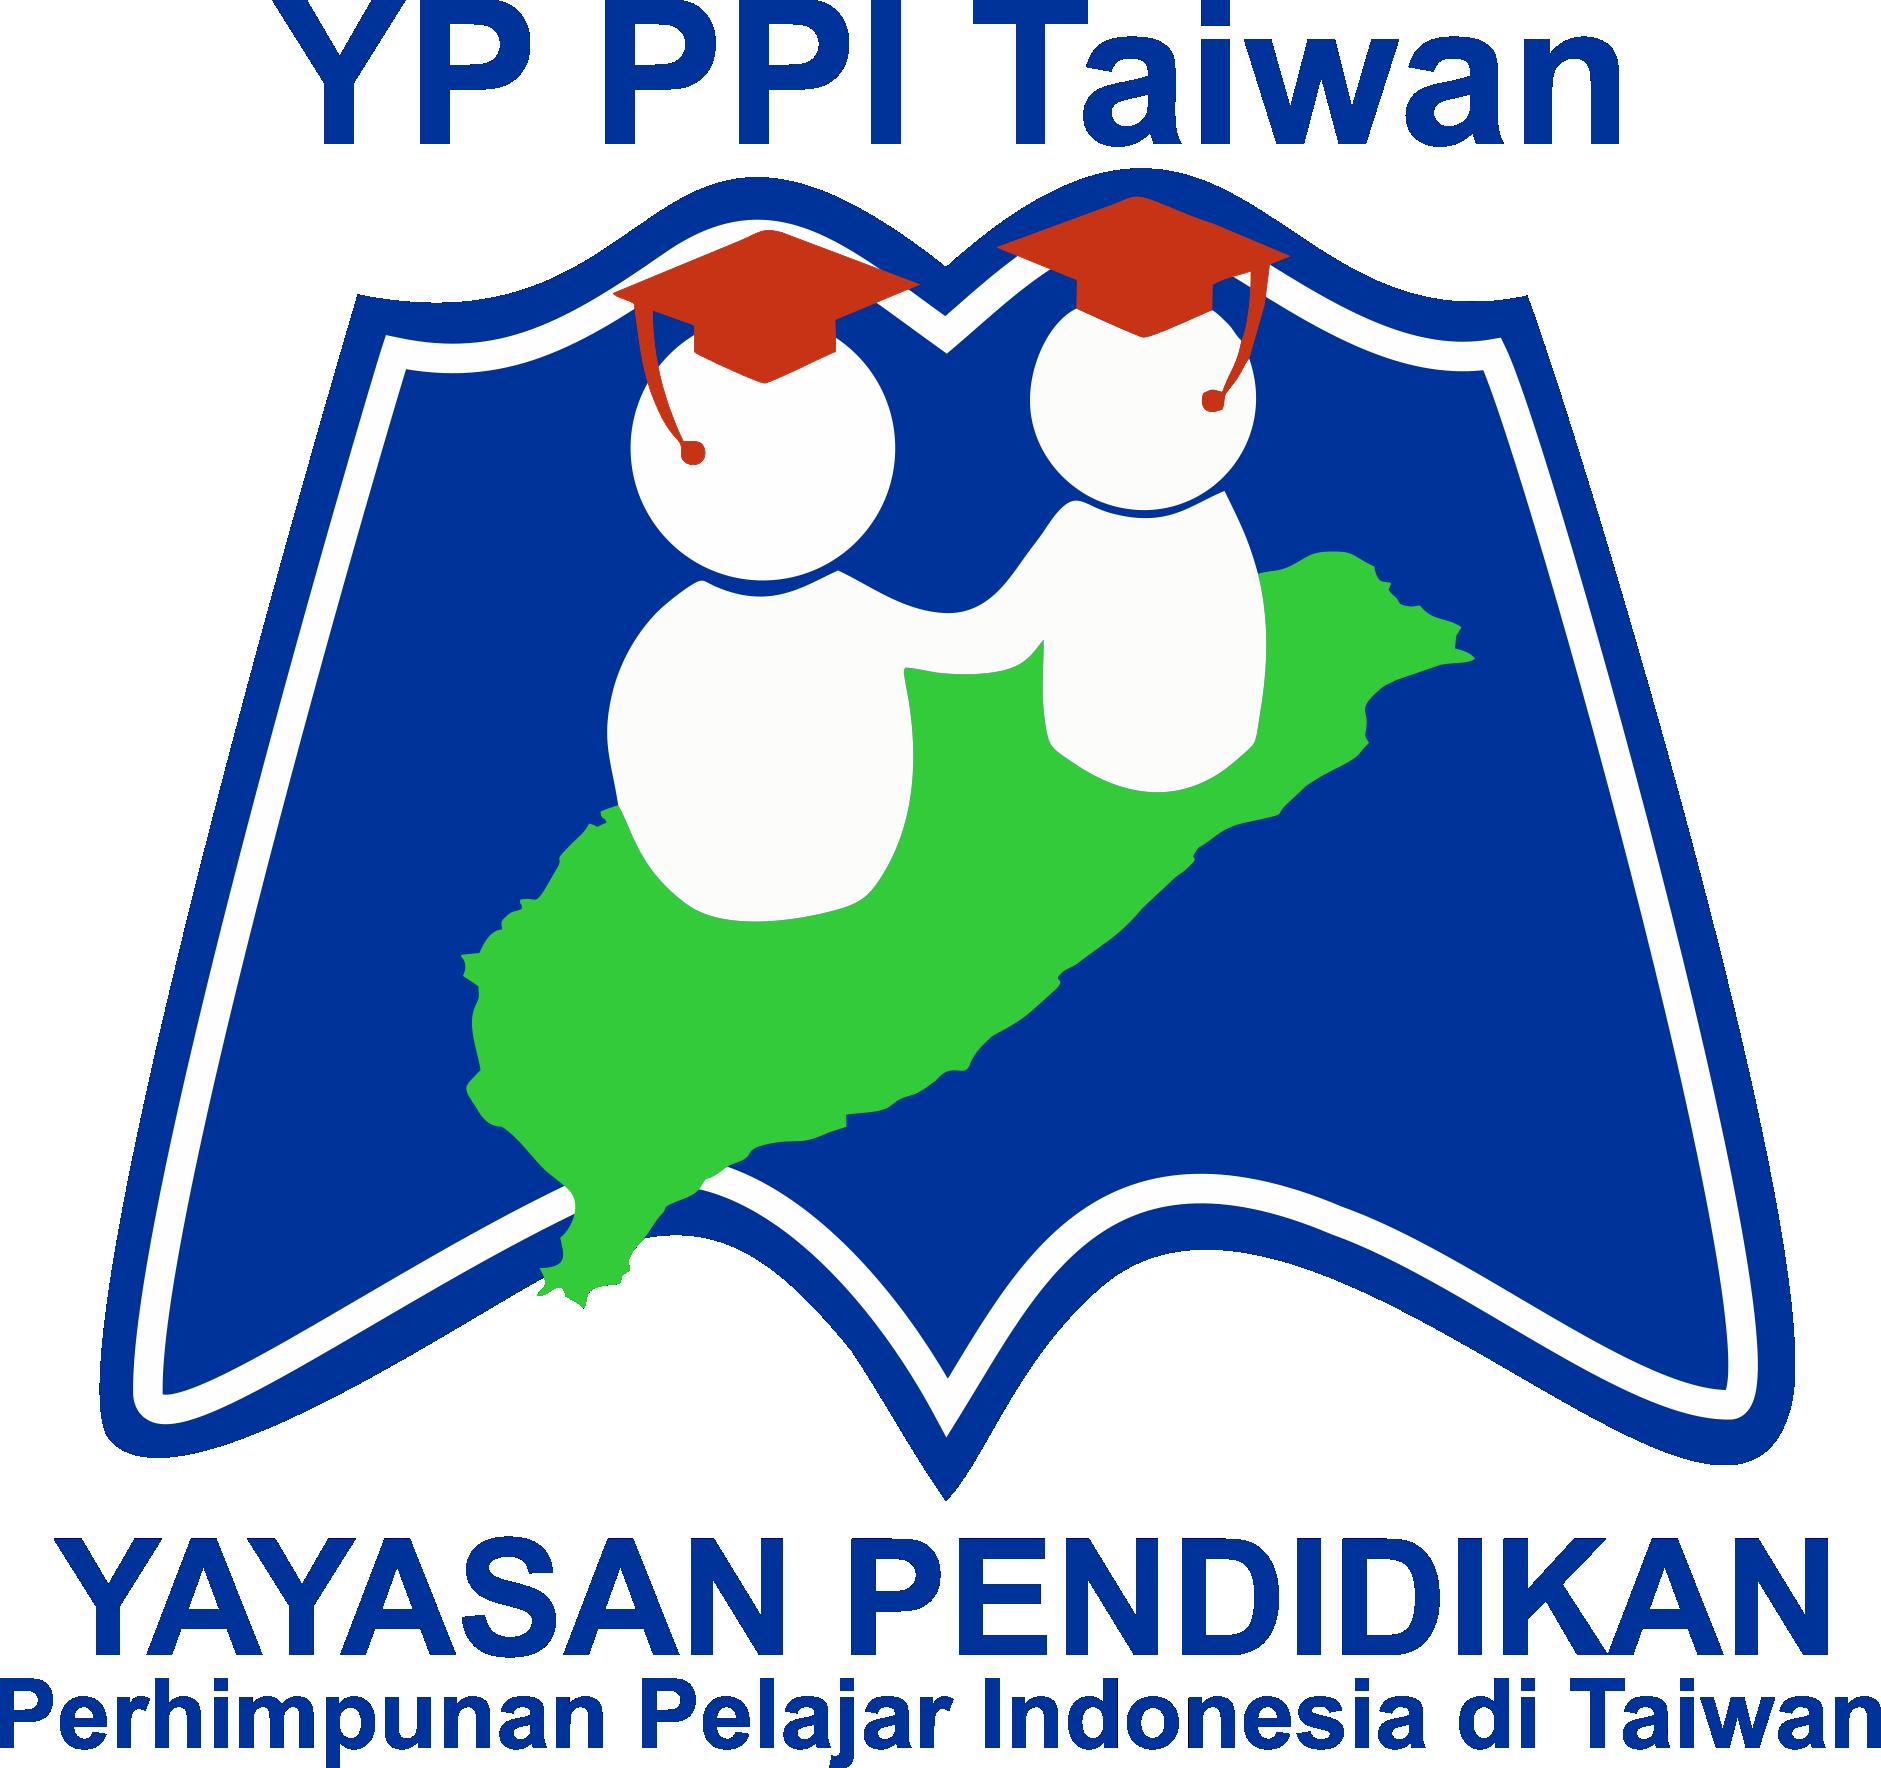 Lambang Yayasan Pendidikan PPI Taiwan